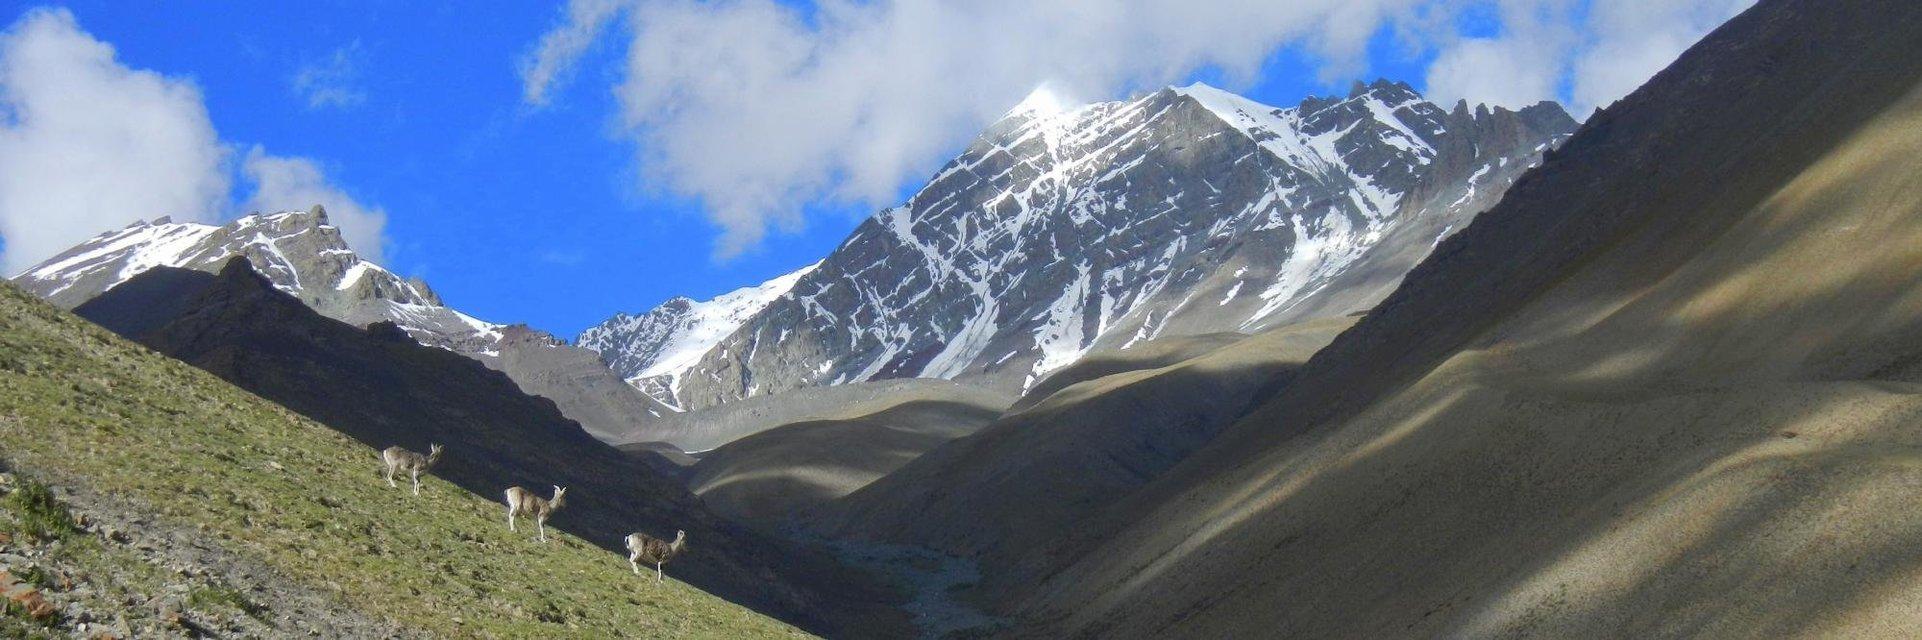 Stok Kangri Climb - Tour